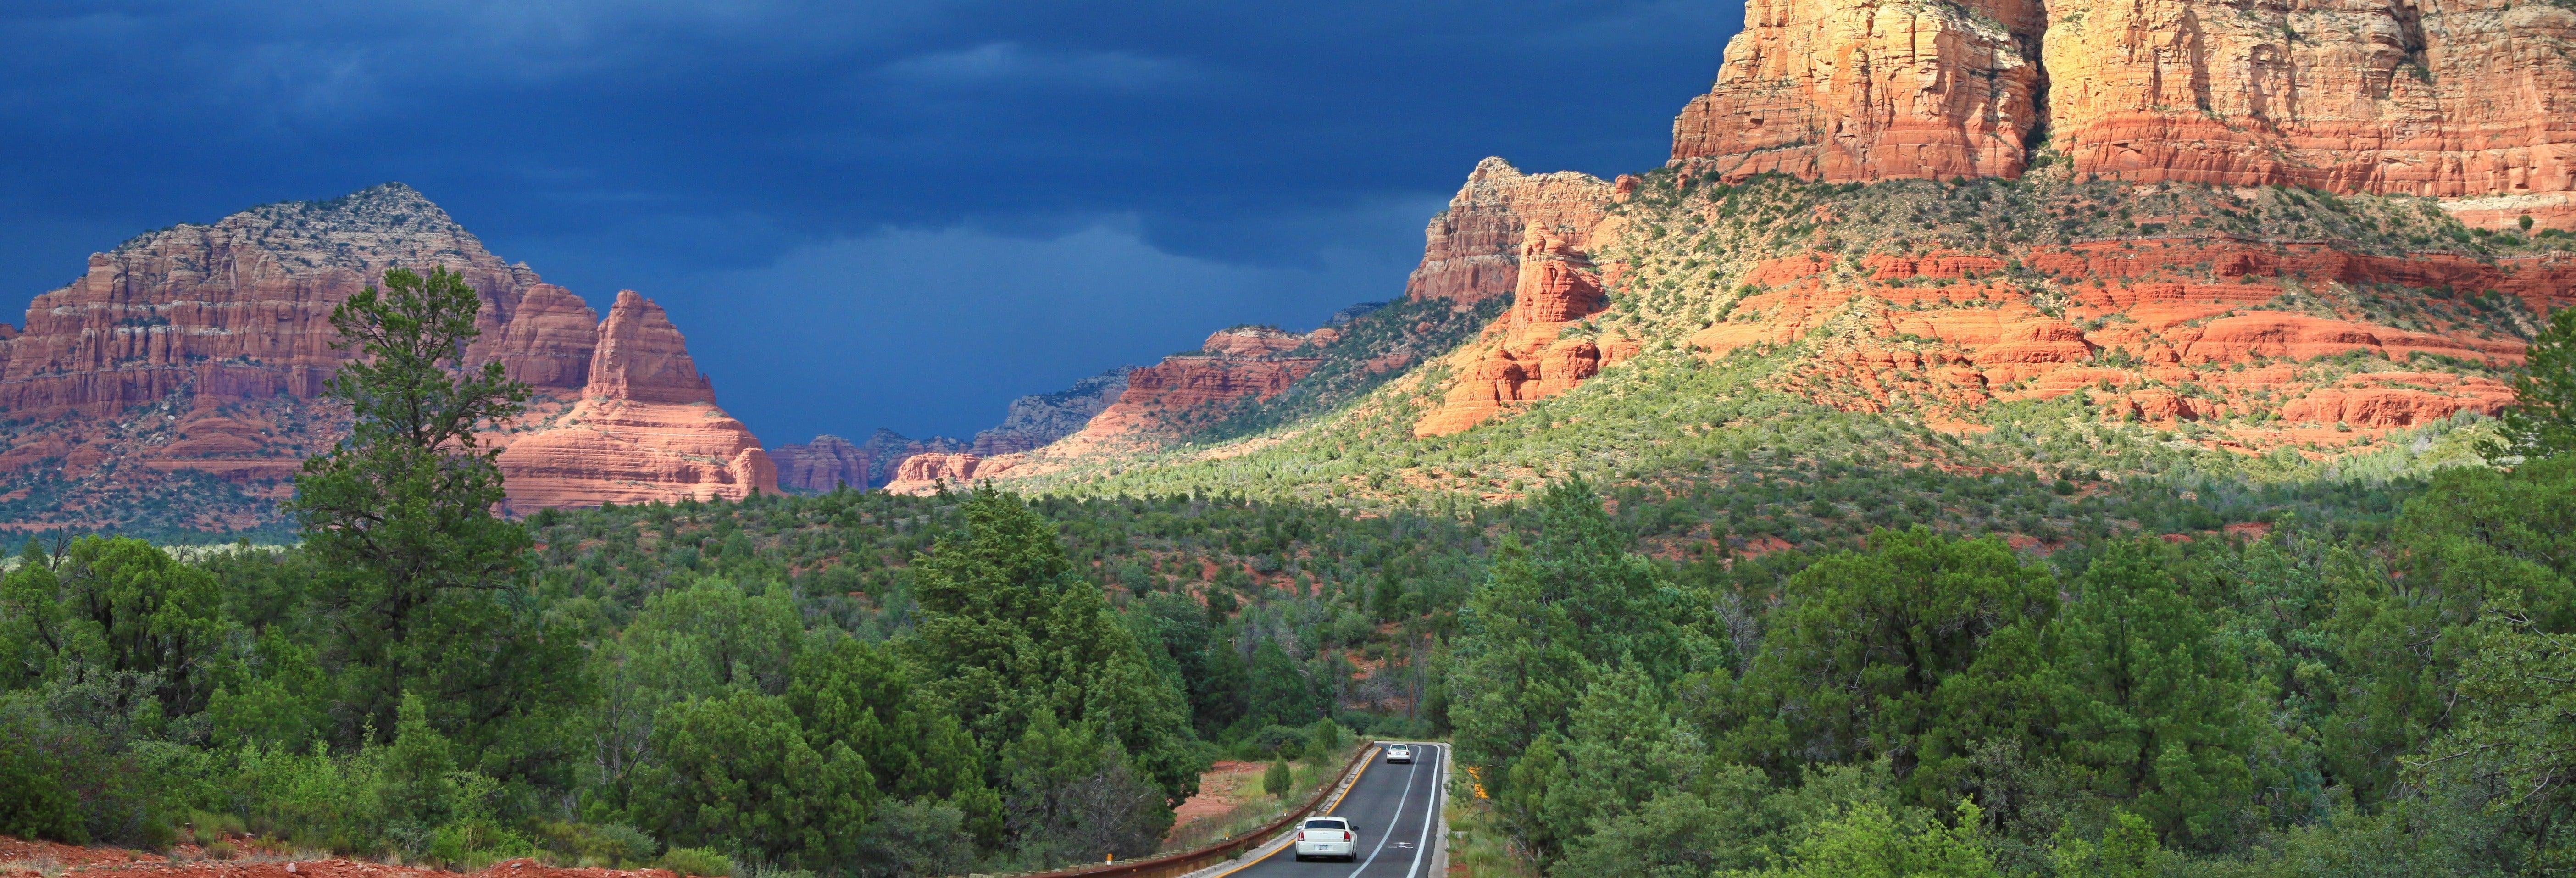 Excursion au Grand Canyon et à Sedona